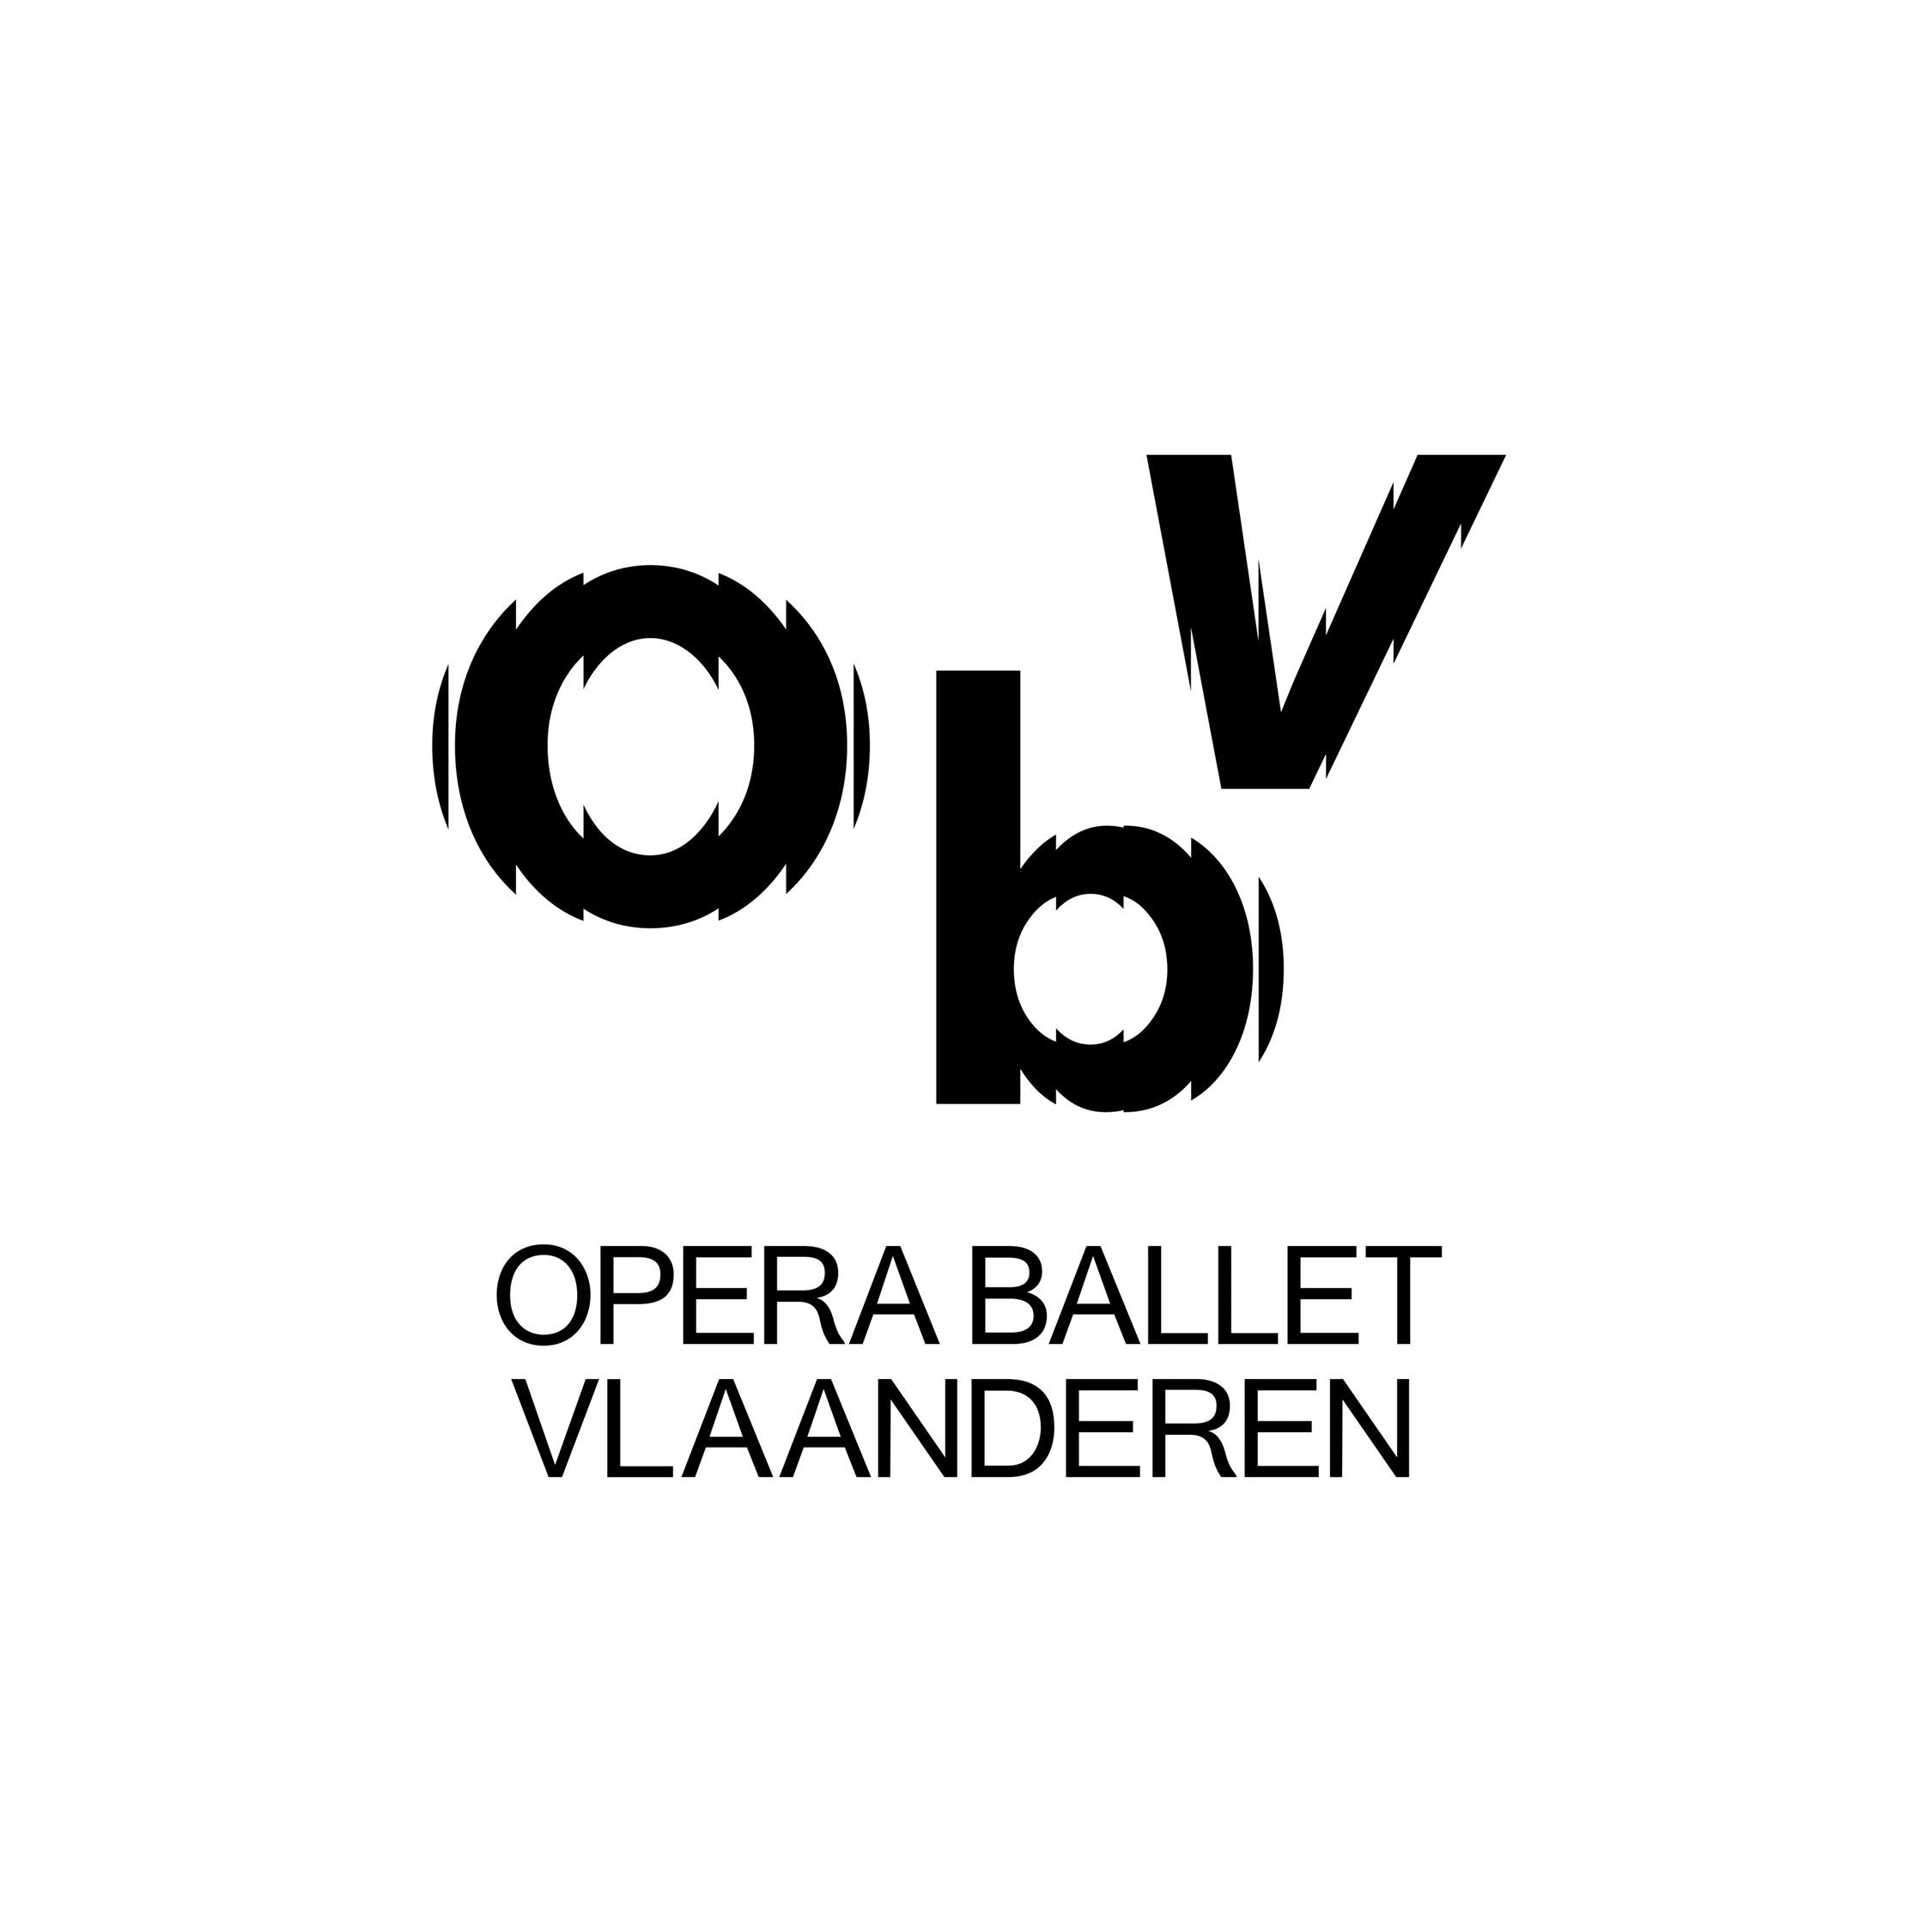 Opera Ballet Vlaanderen Koen Belien - Home